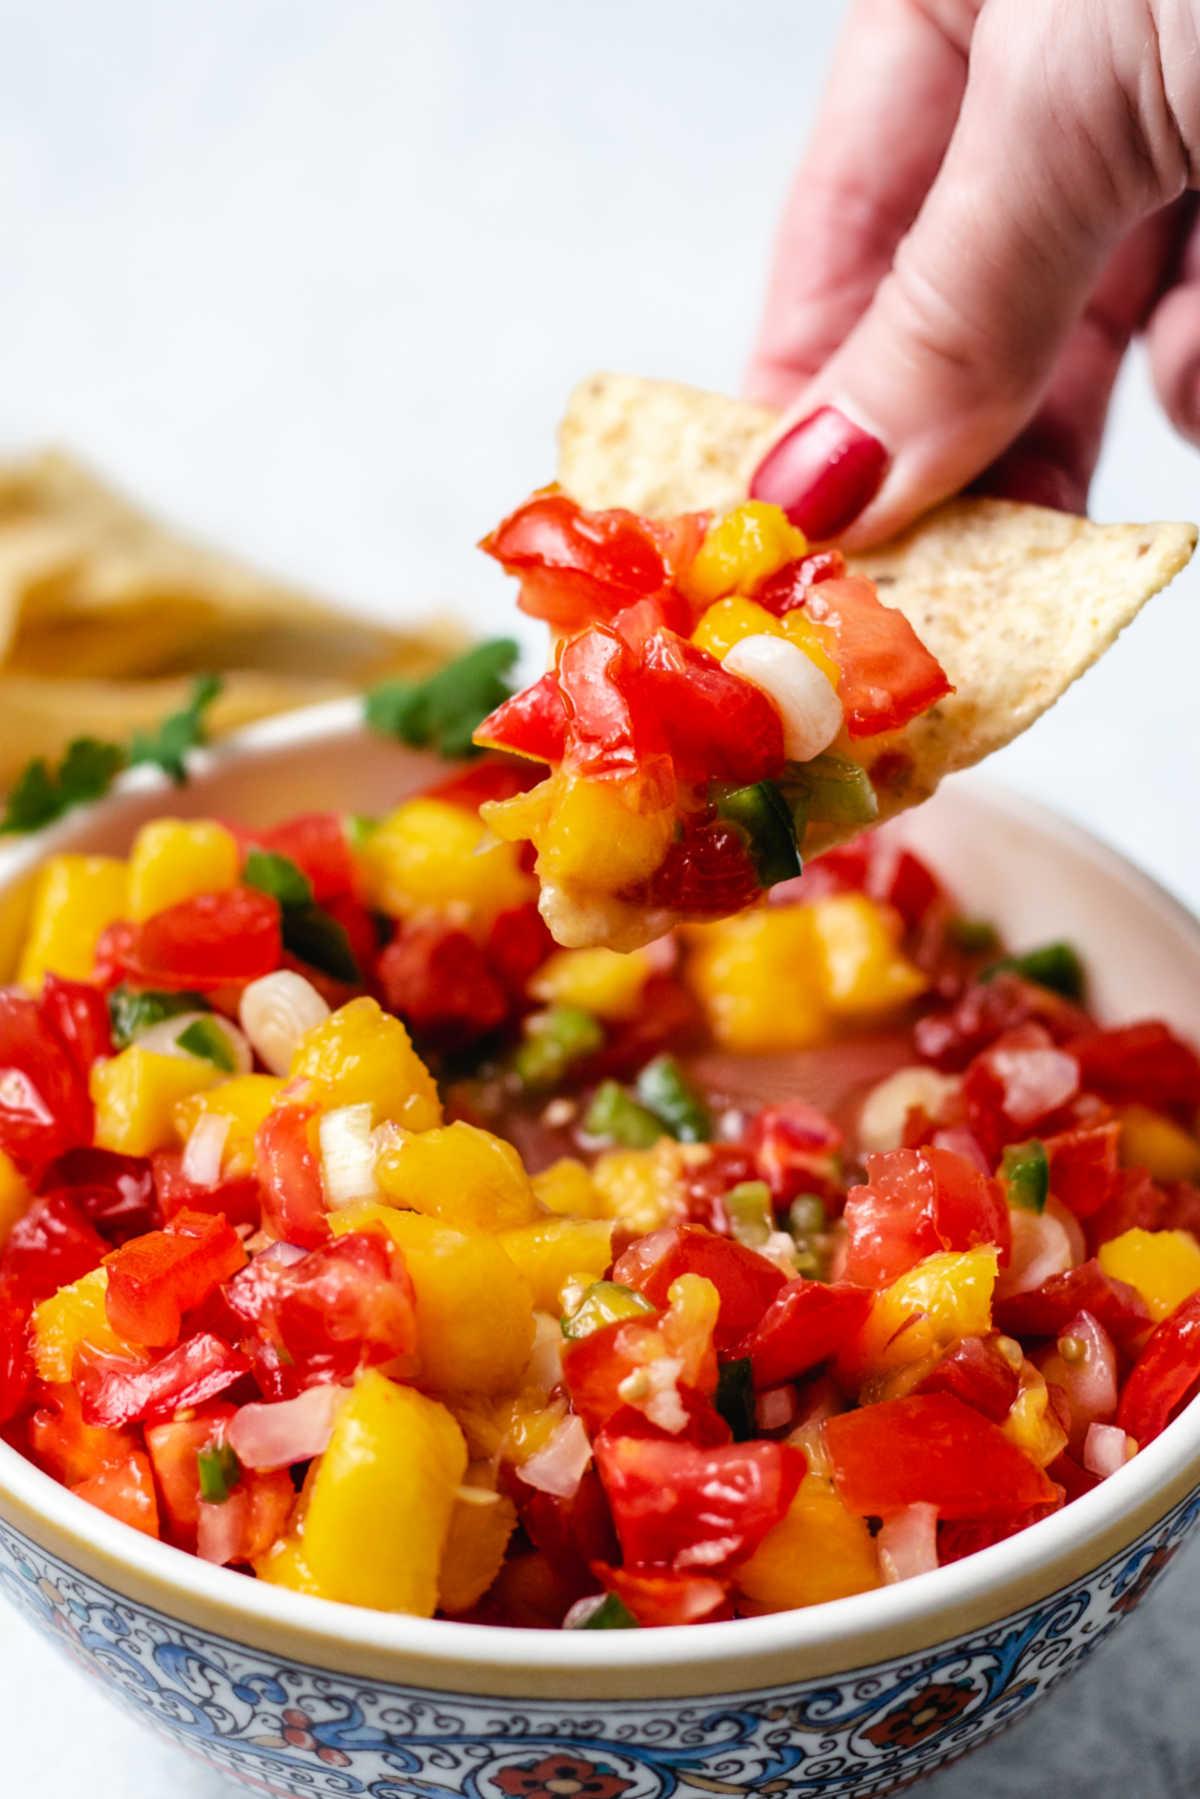 dipping a tortilla chip into a bowl of mango tomato salsa.